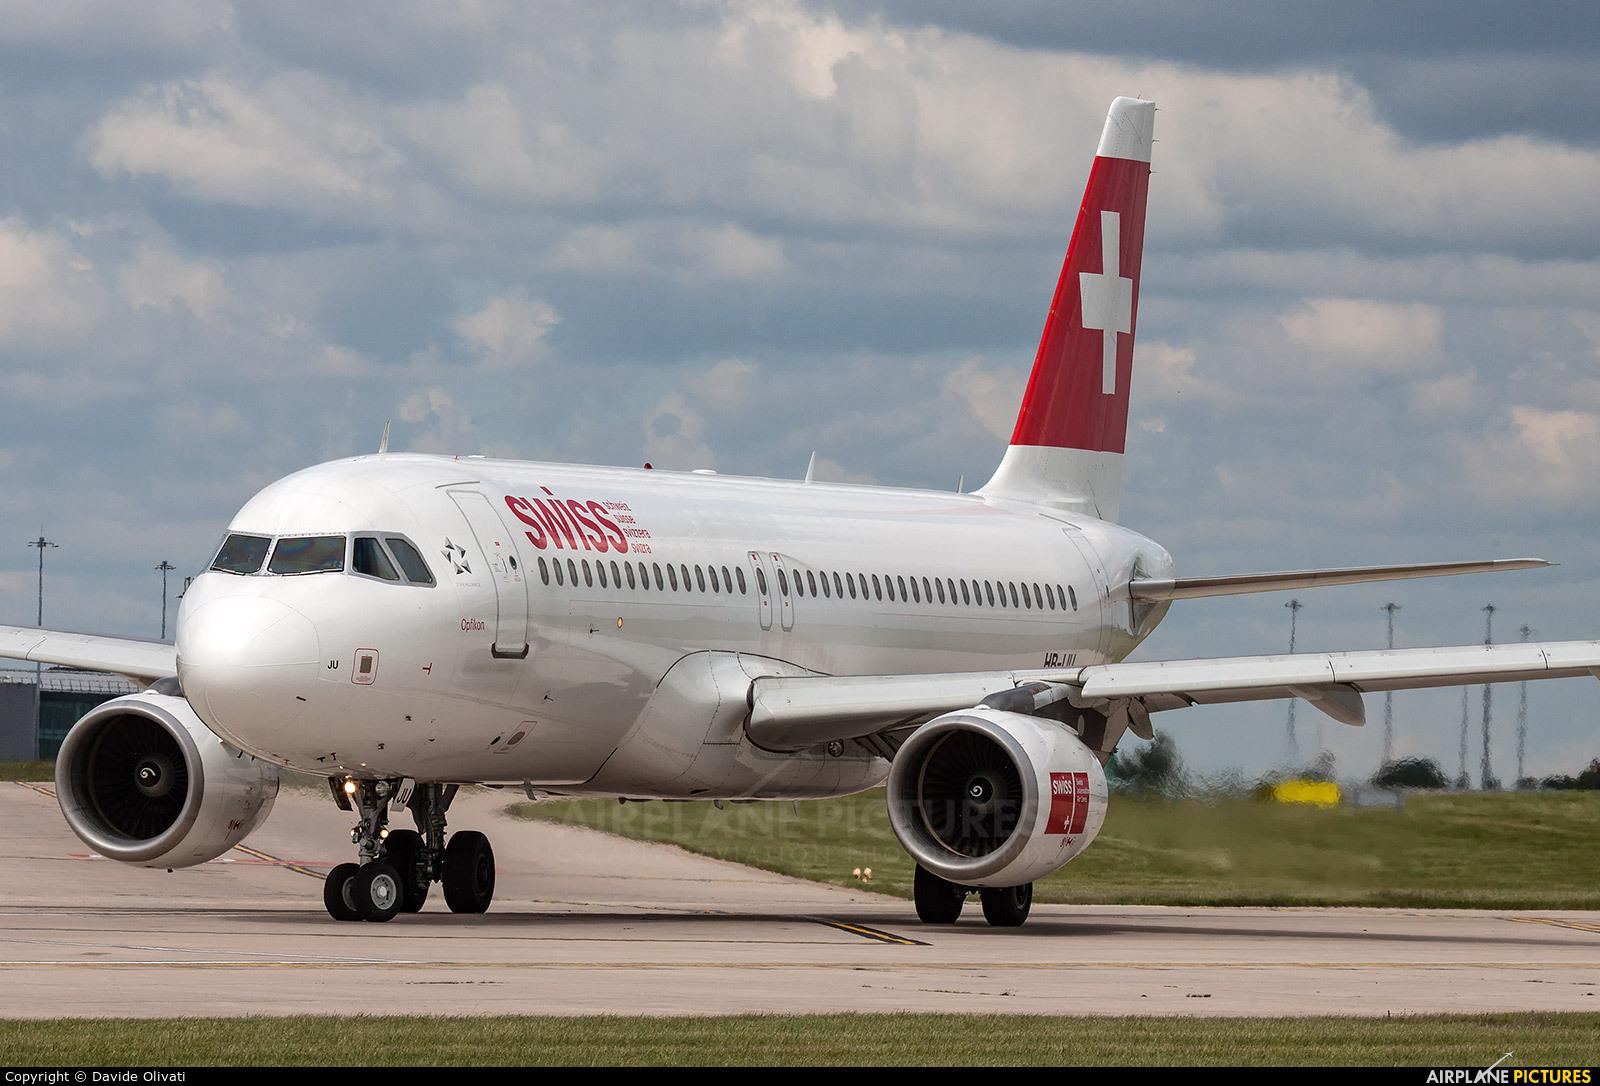 Swiss HB-IJU aircraft at Manchester